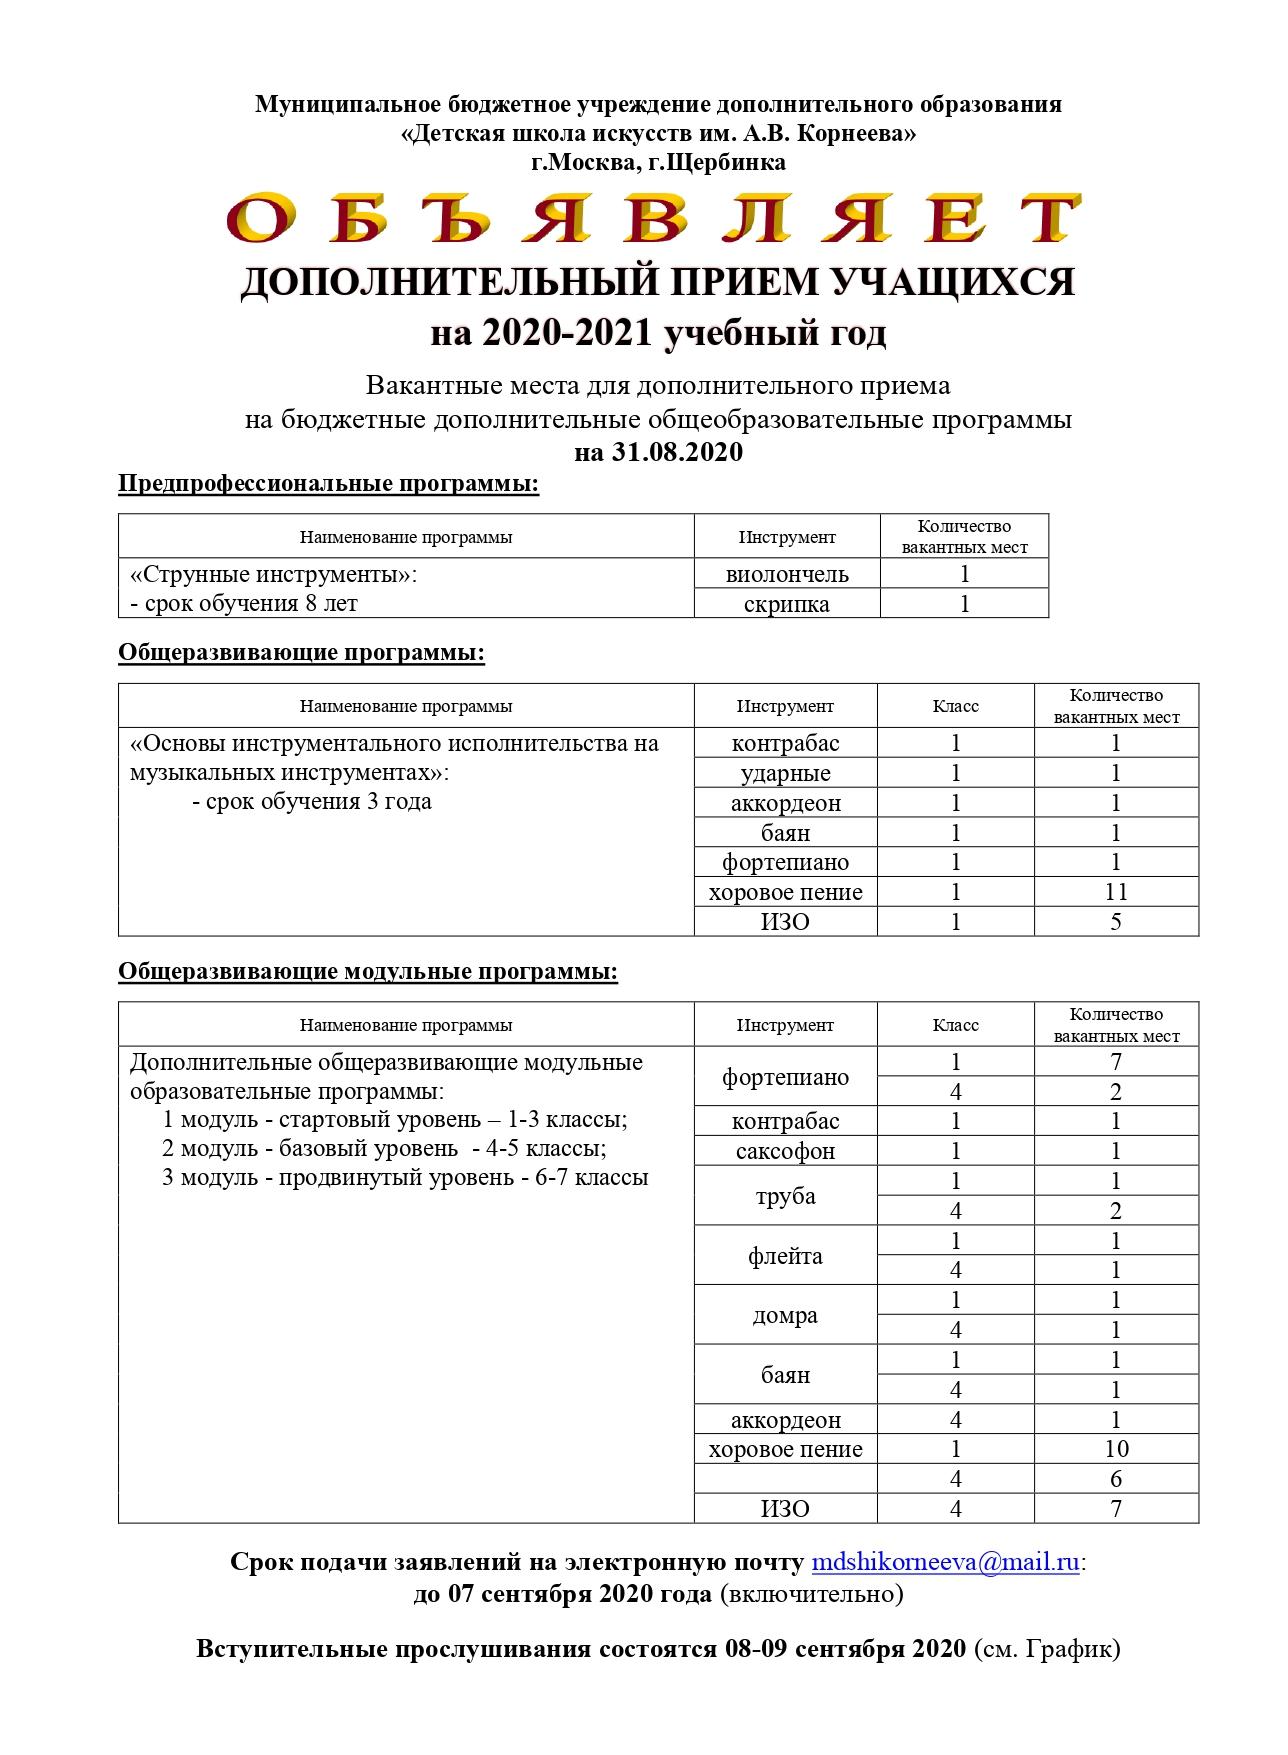 Объявление доп.прием 8-9.09.2020_page-0001